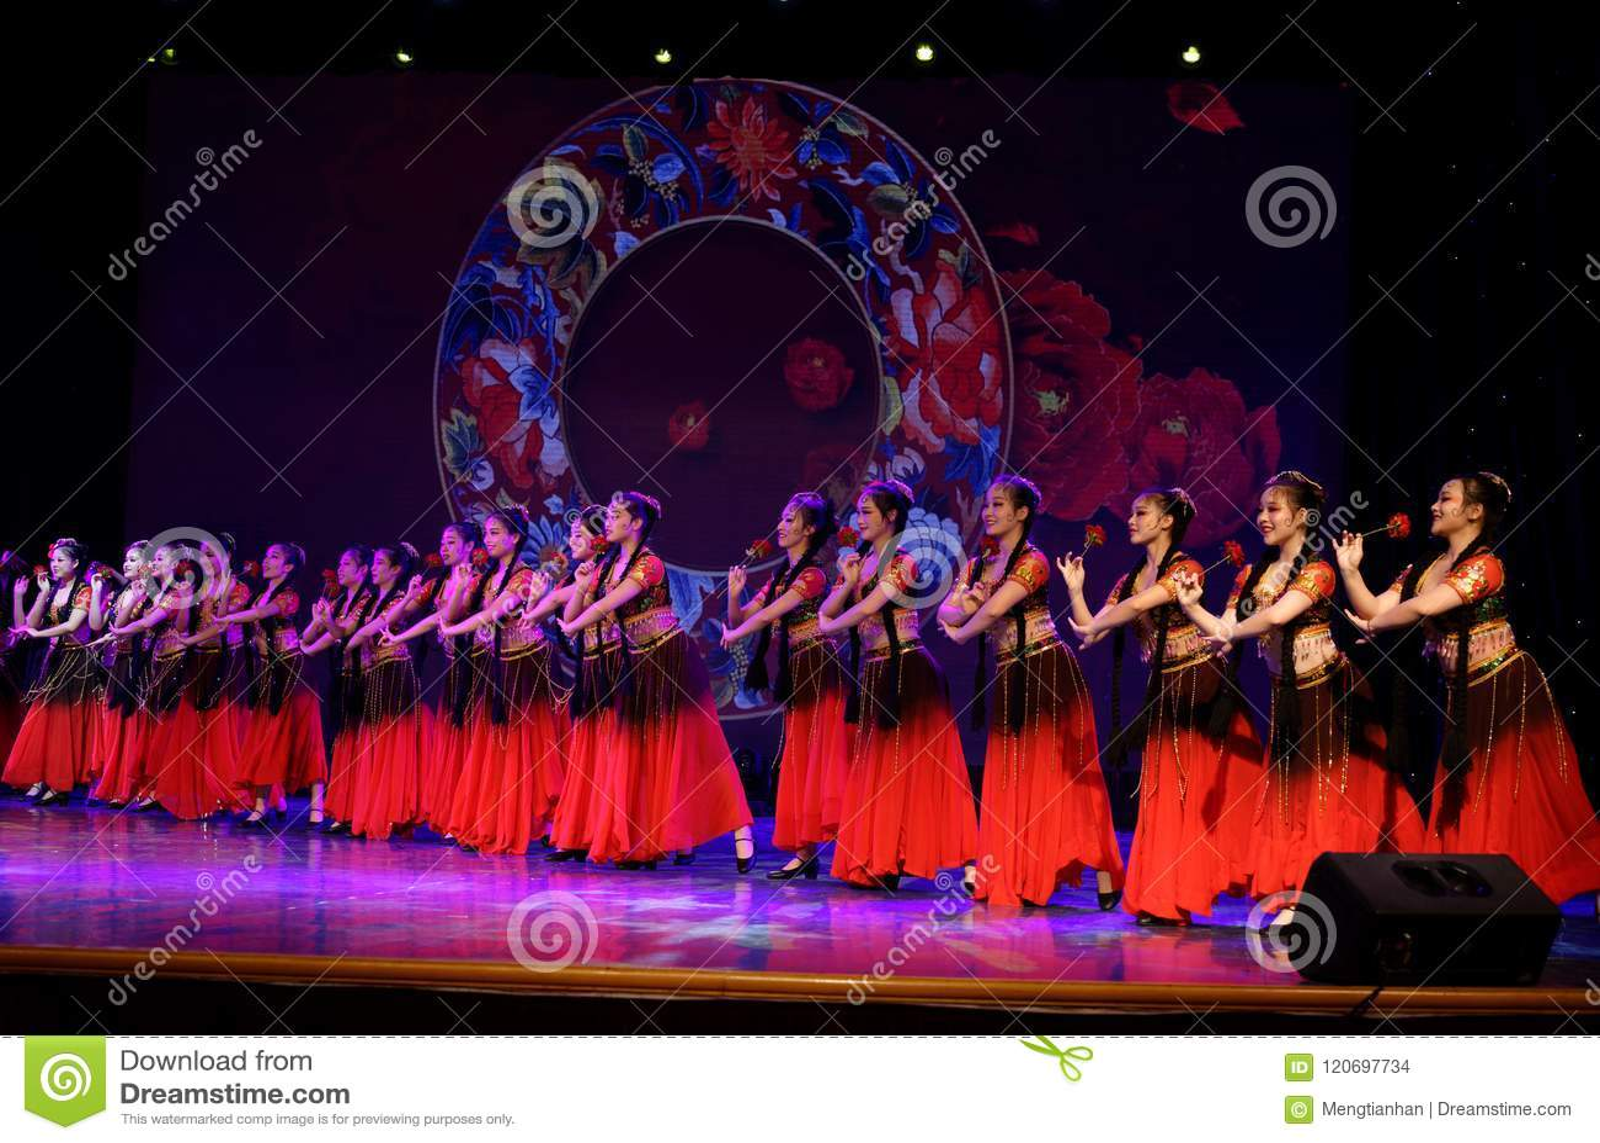 Send you a rose 4 -Chinese national dance in Xinjiang